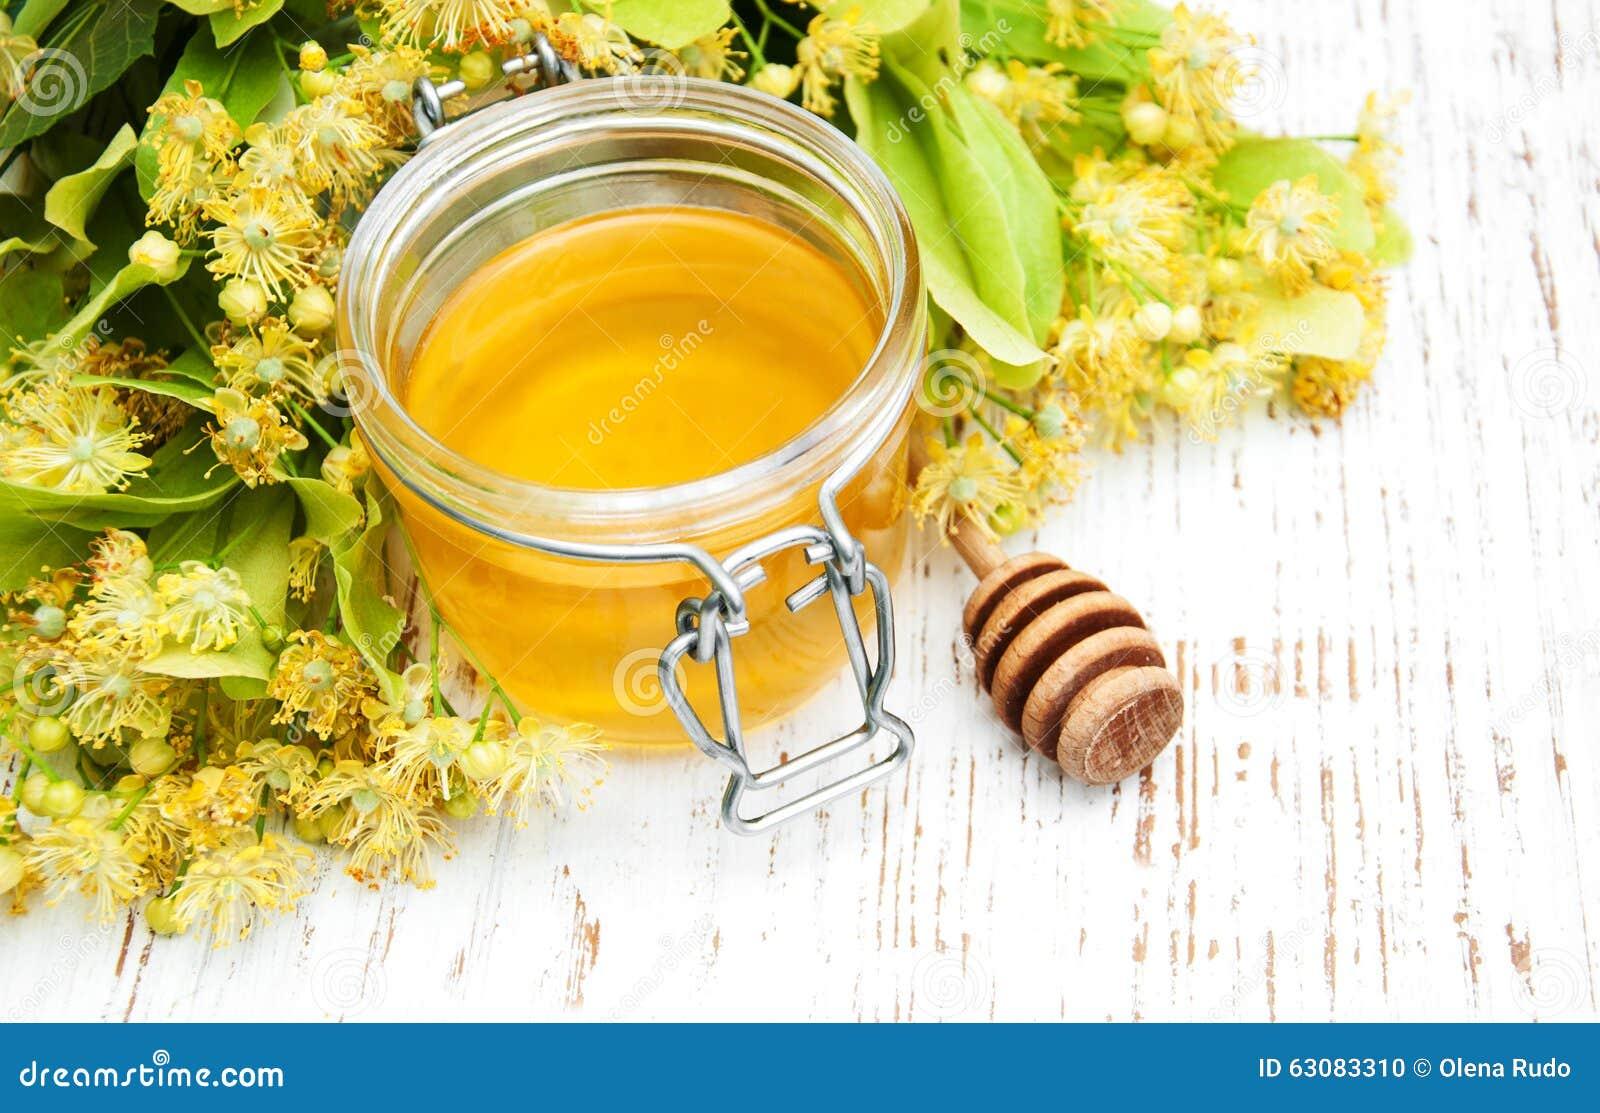 Download Choc avec du miel photo stock. Image du collant, dessert - 63083310